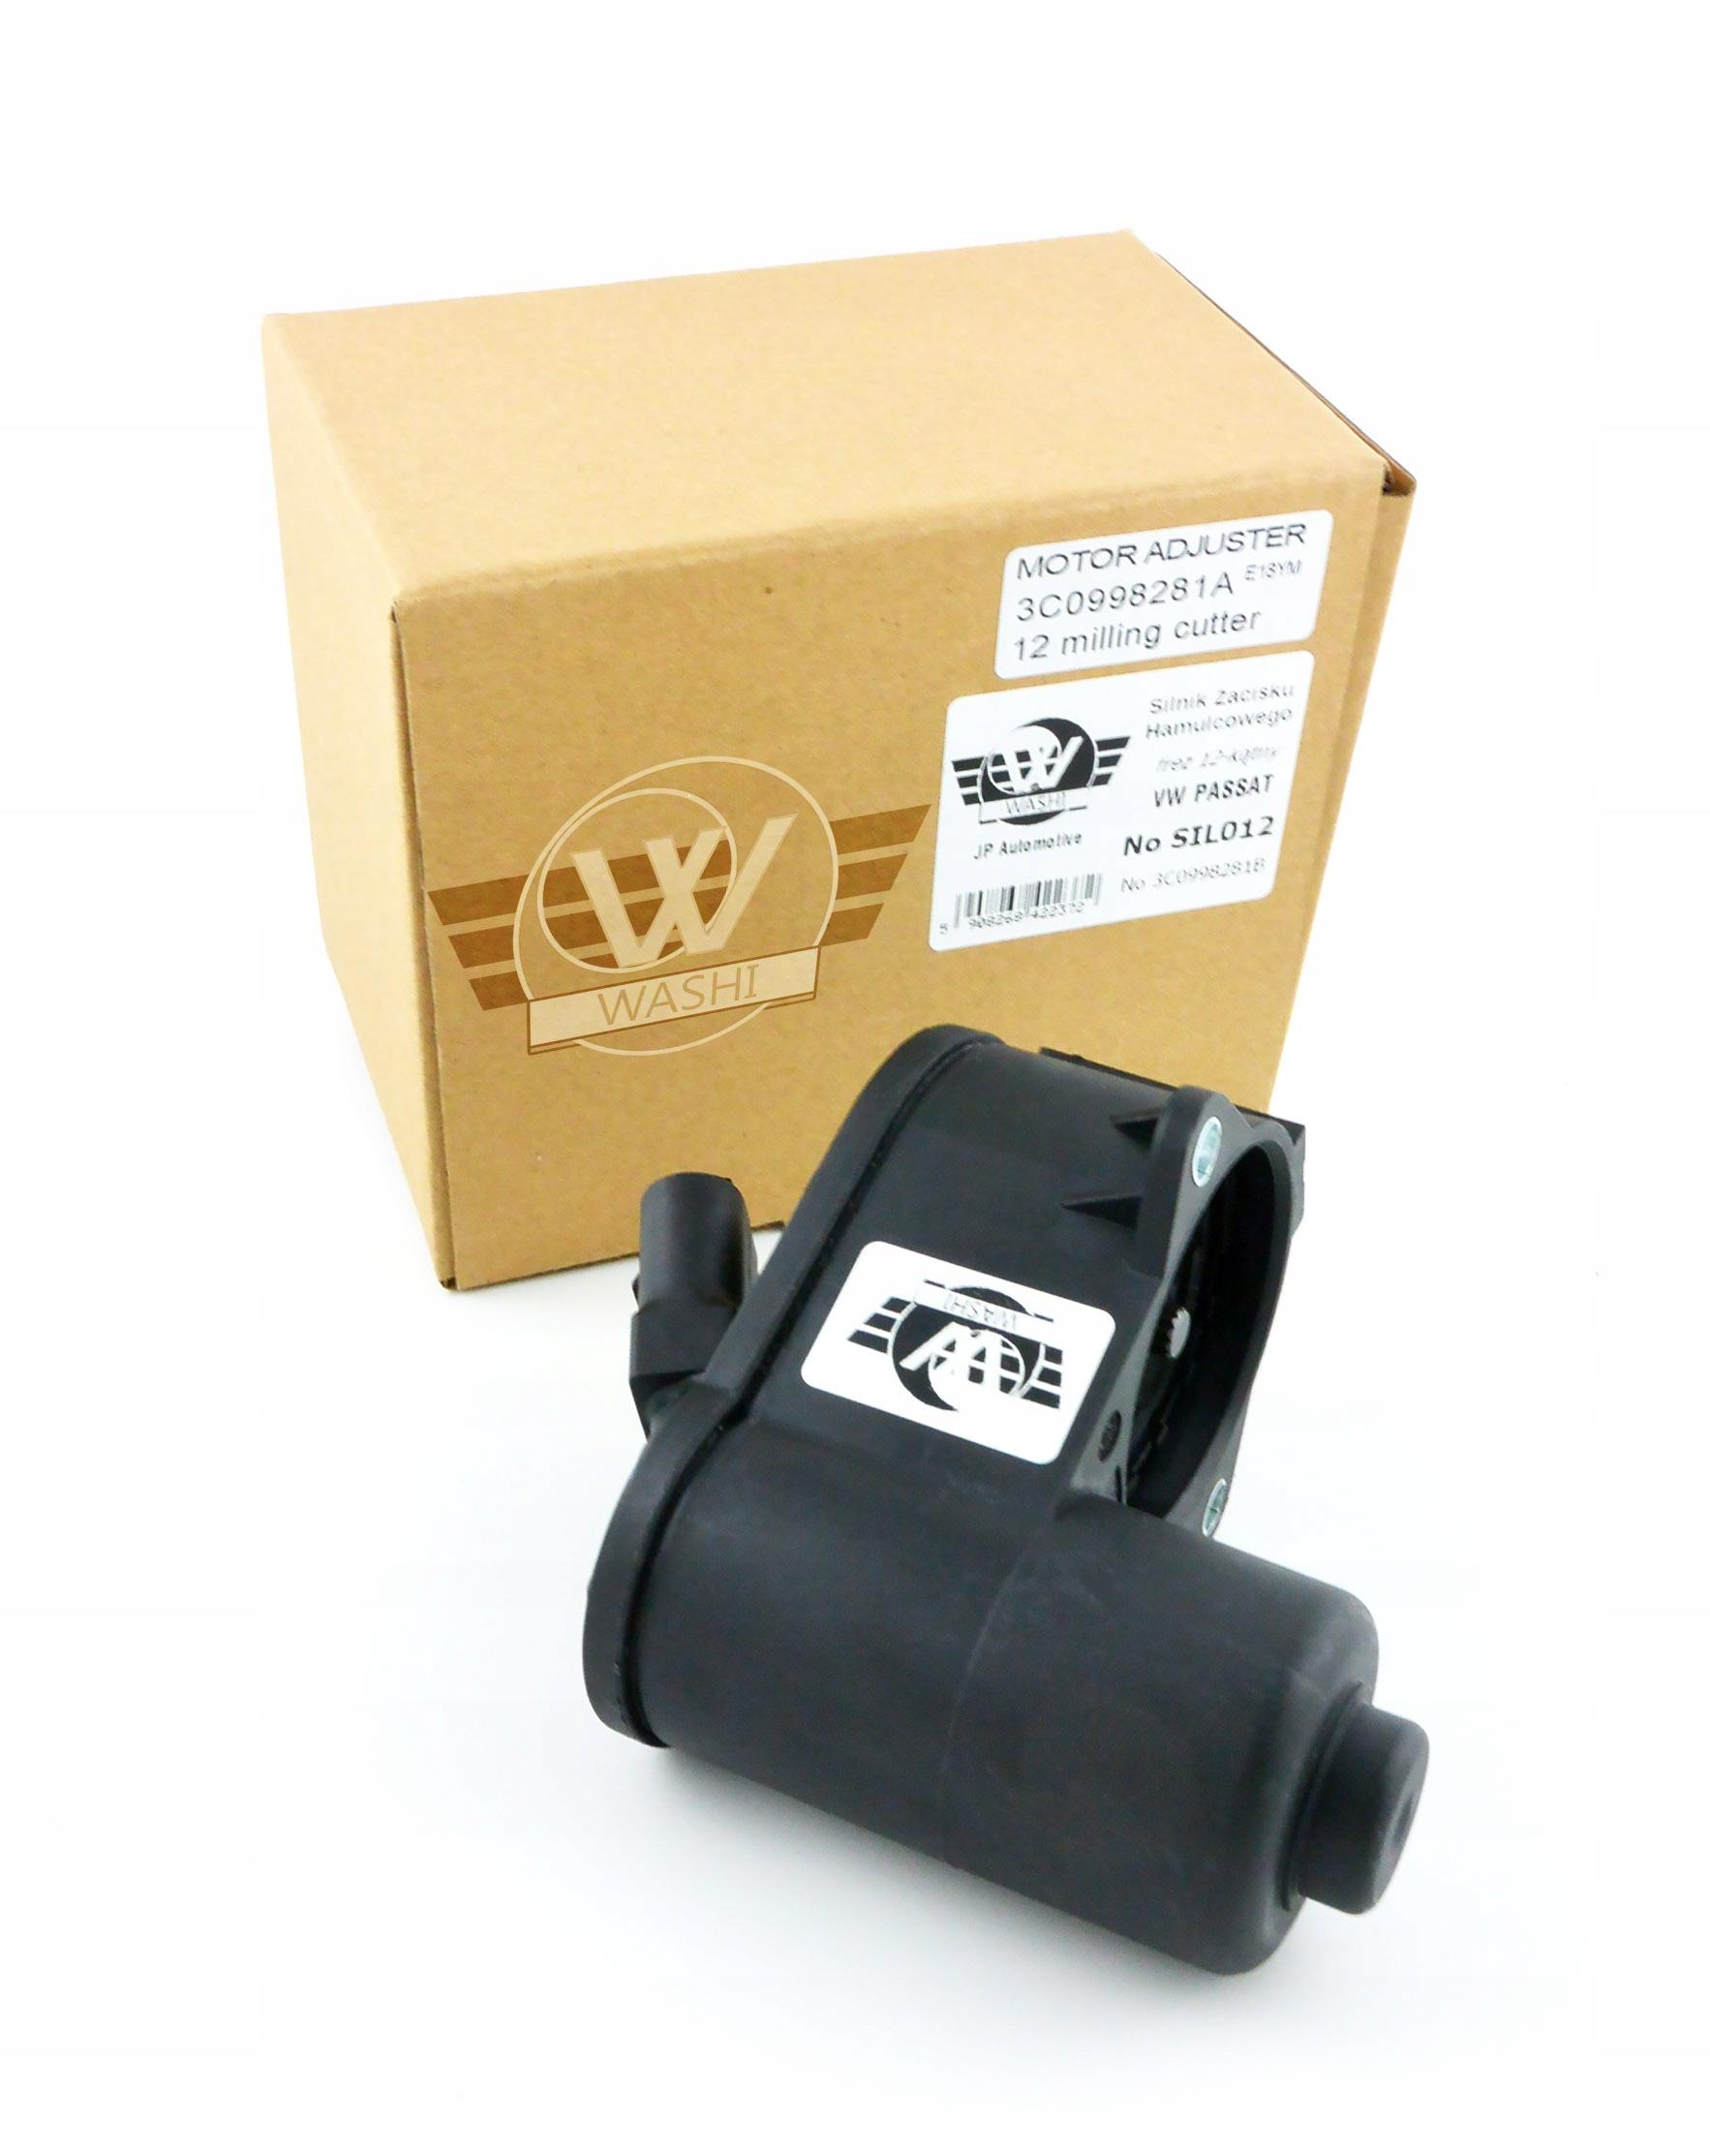 двигатель тормоза ручной vw passat b6 b7 cc 12fr